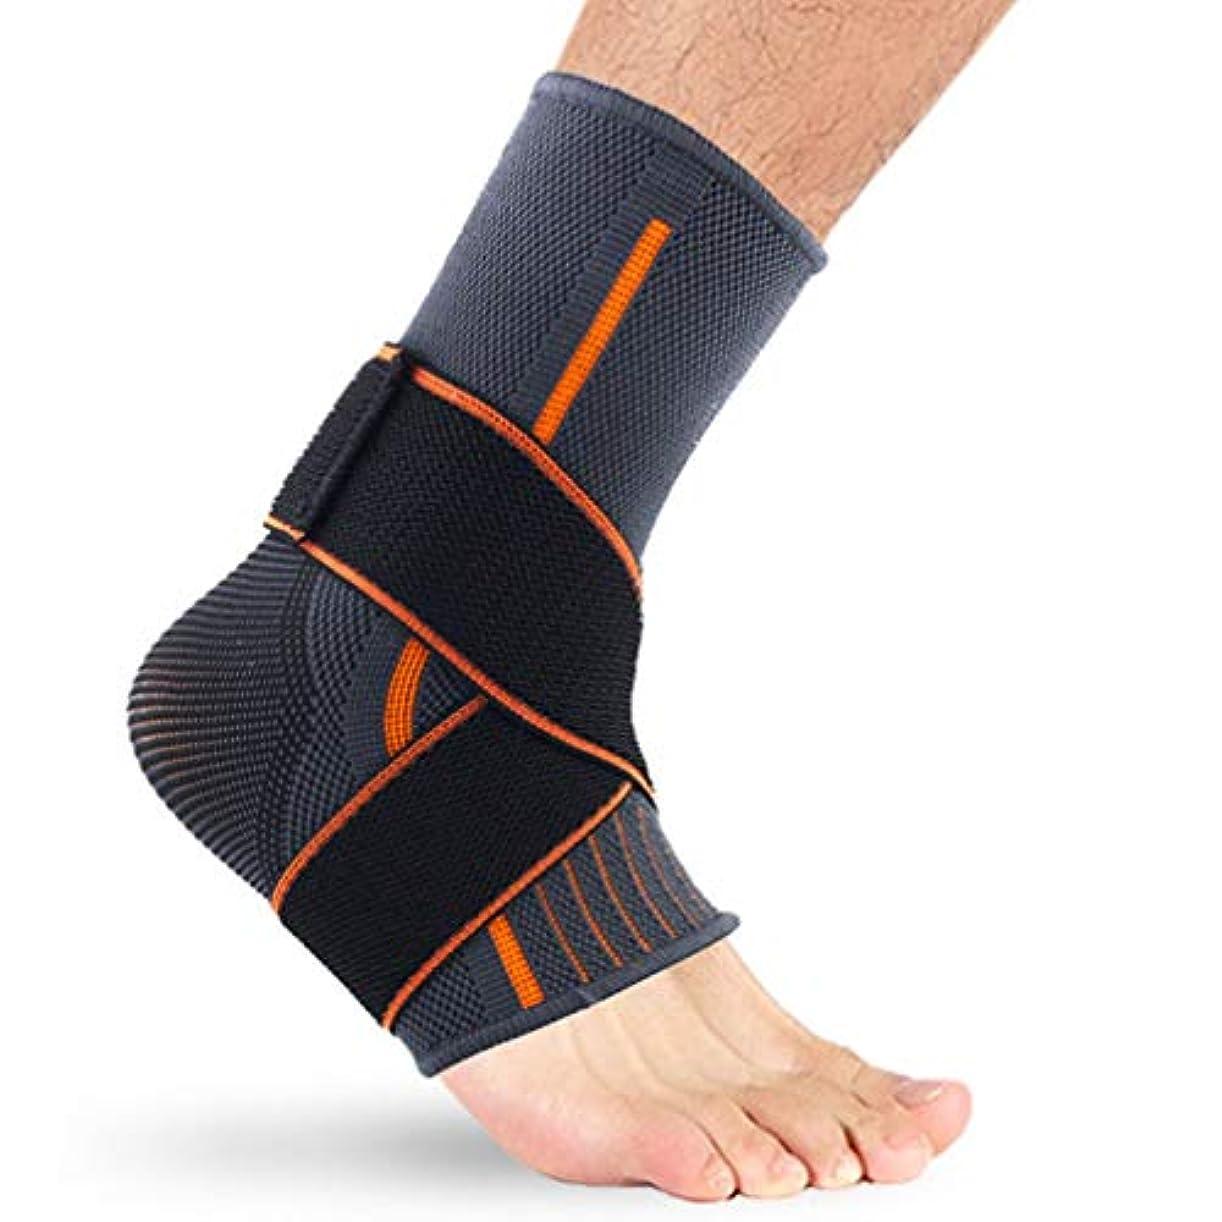 熱心グラマー憂鬱足首装具サポート、足装具安定装置、弾性スポーツ足首サポート快適なナイロン保護スポーツ足首装置